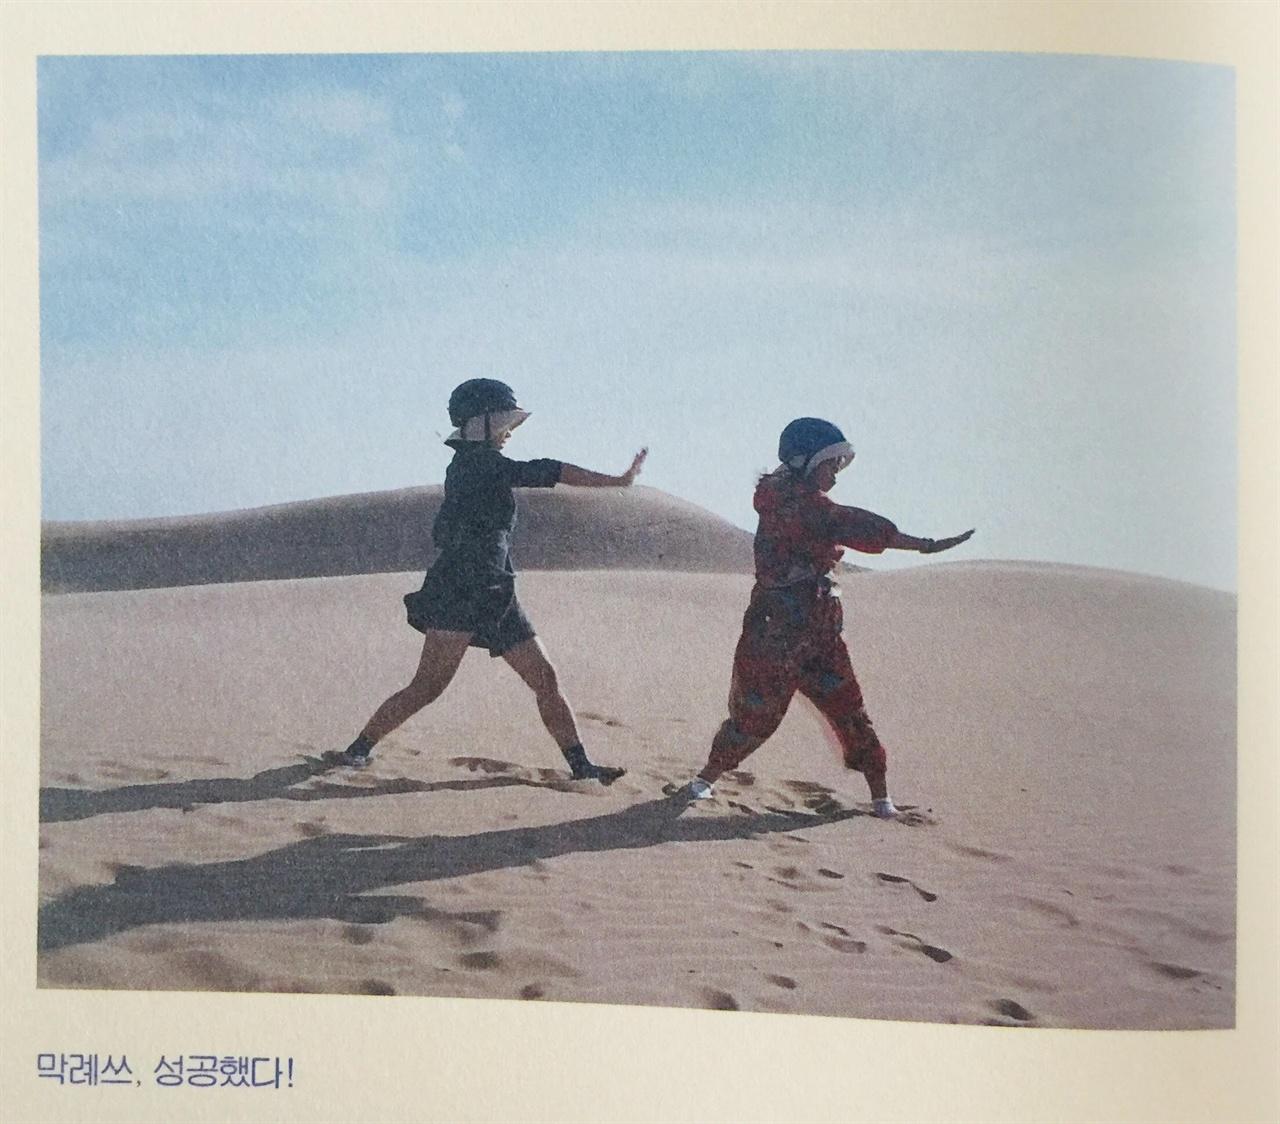 """박막례 할머니, 모래 보드 타기 성공! """"별거 아니구먼."""""""